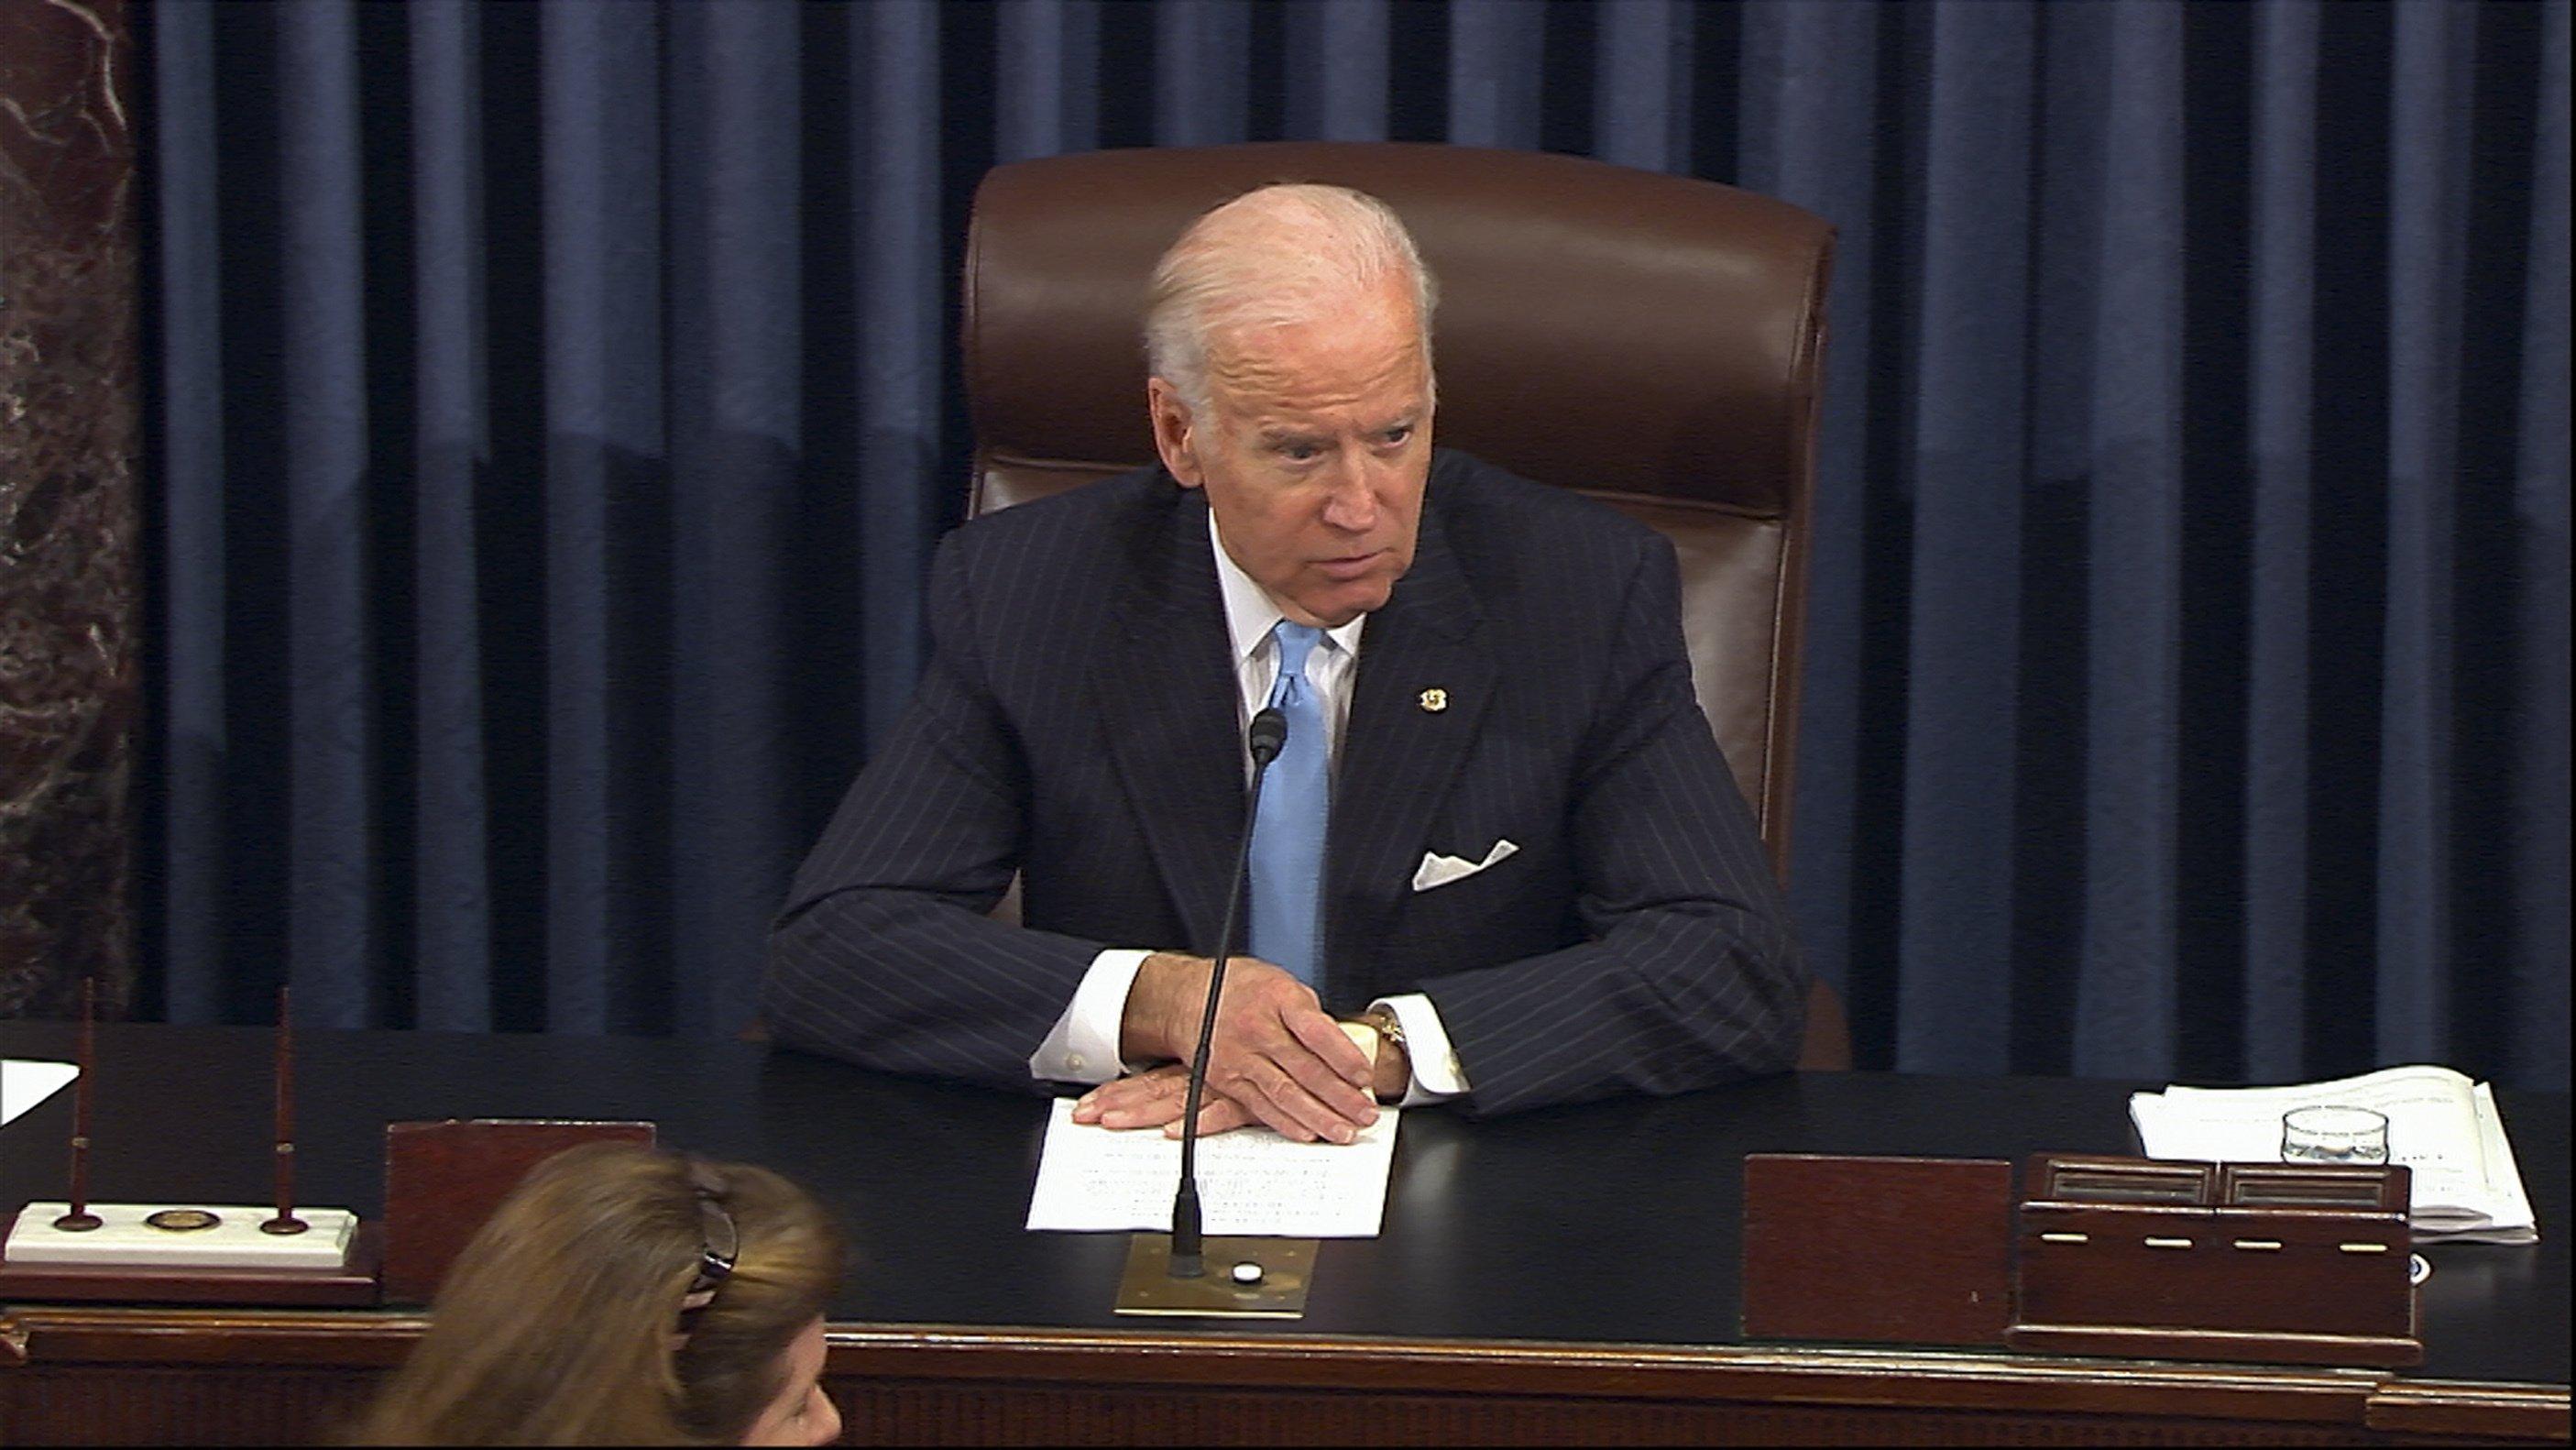 Joe Biden Tears Up As Senators Laud His Career